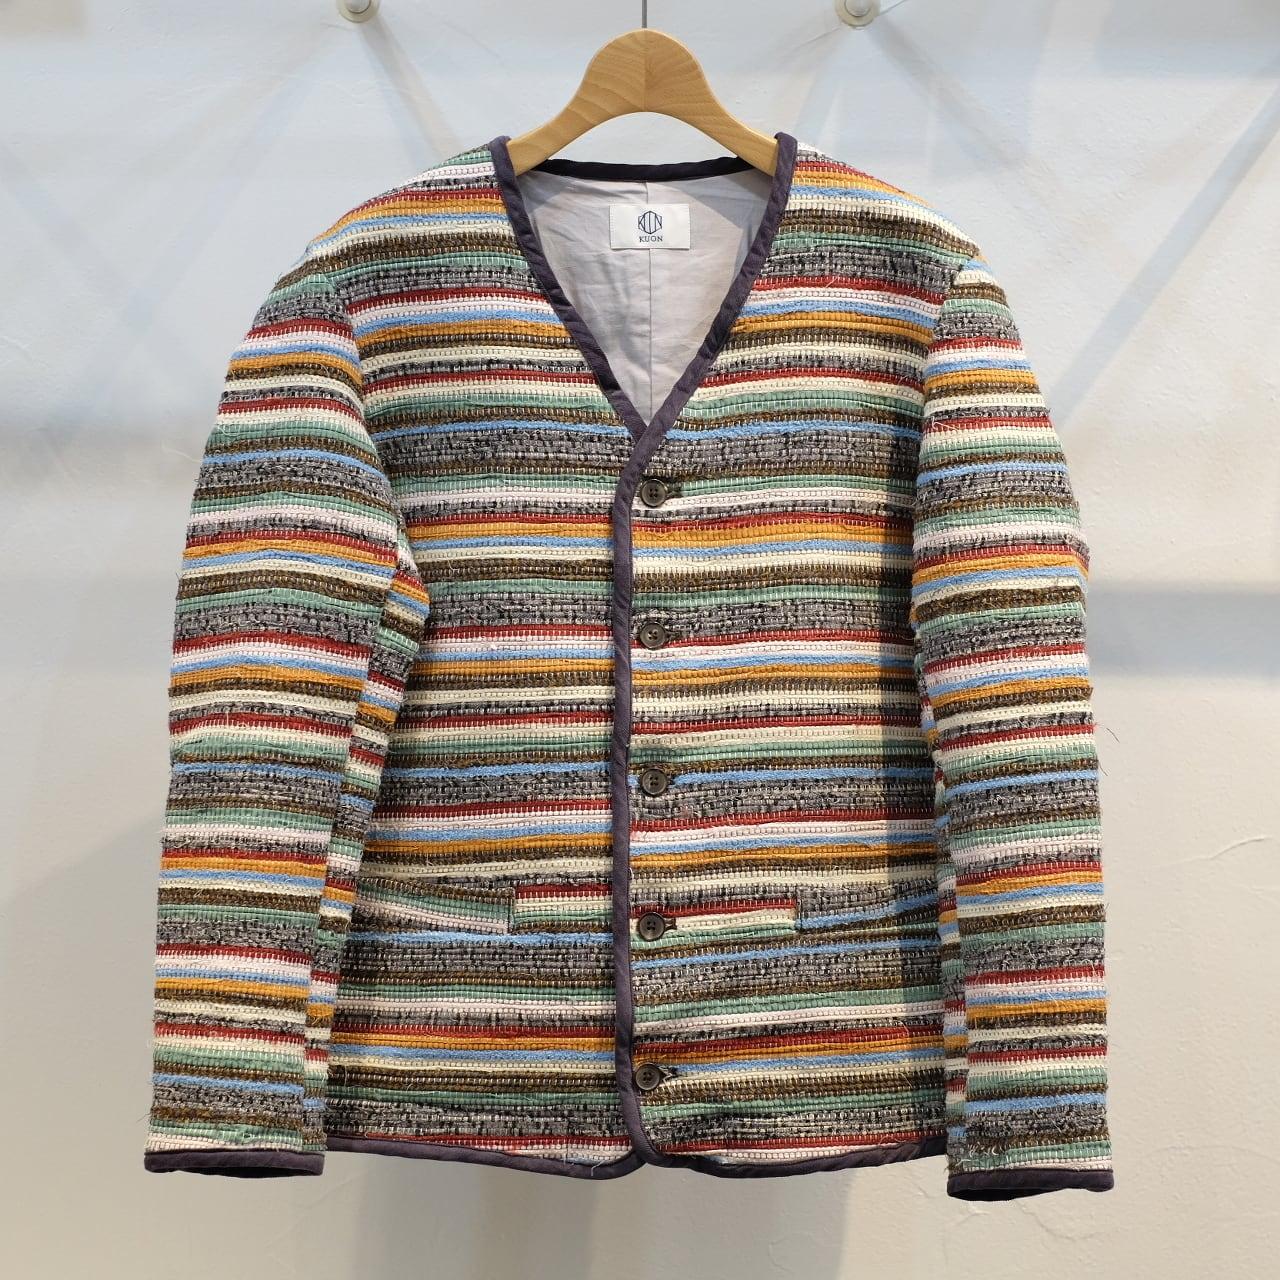 KUON(クオン) KUONテキスタイル裂き織り カーディガン Mサイズ